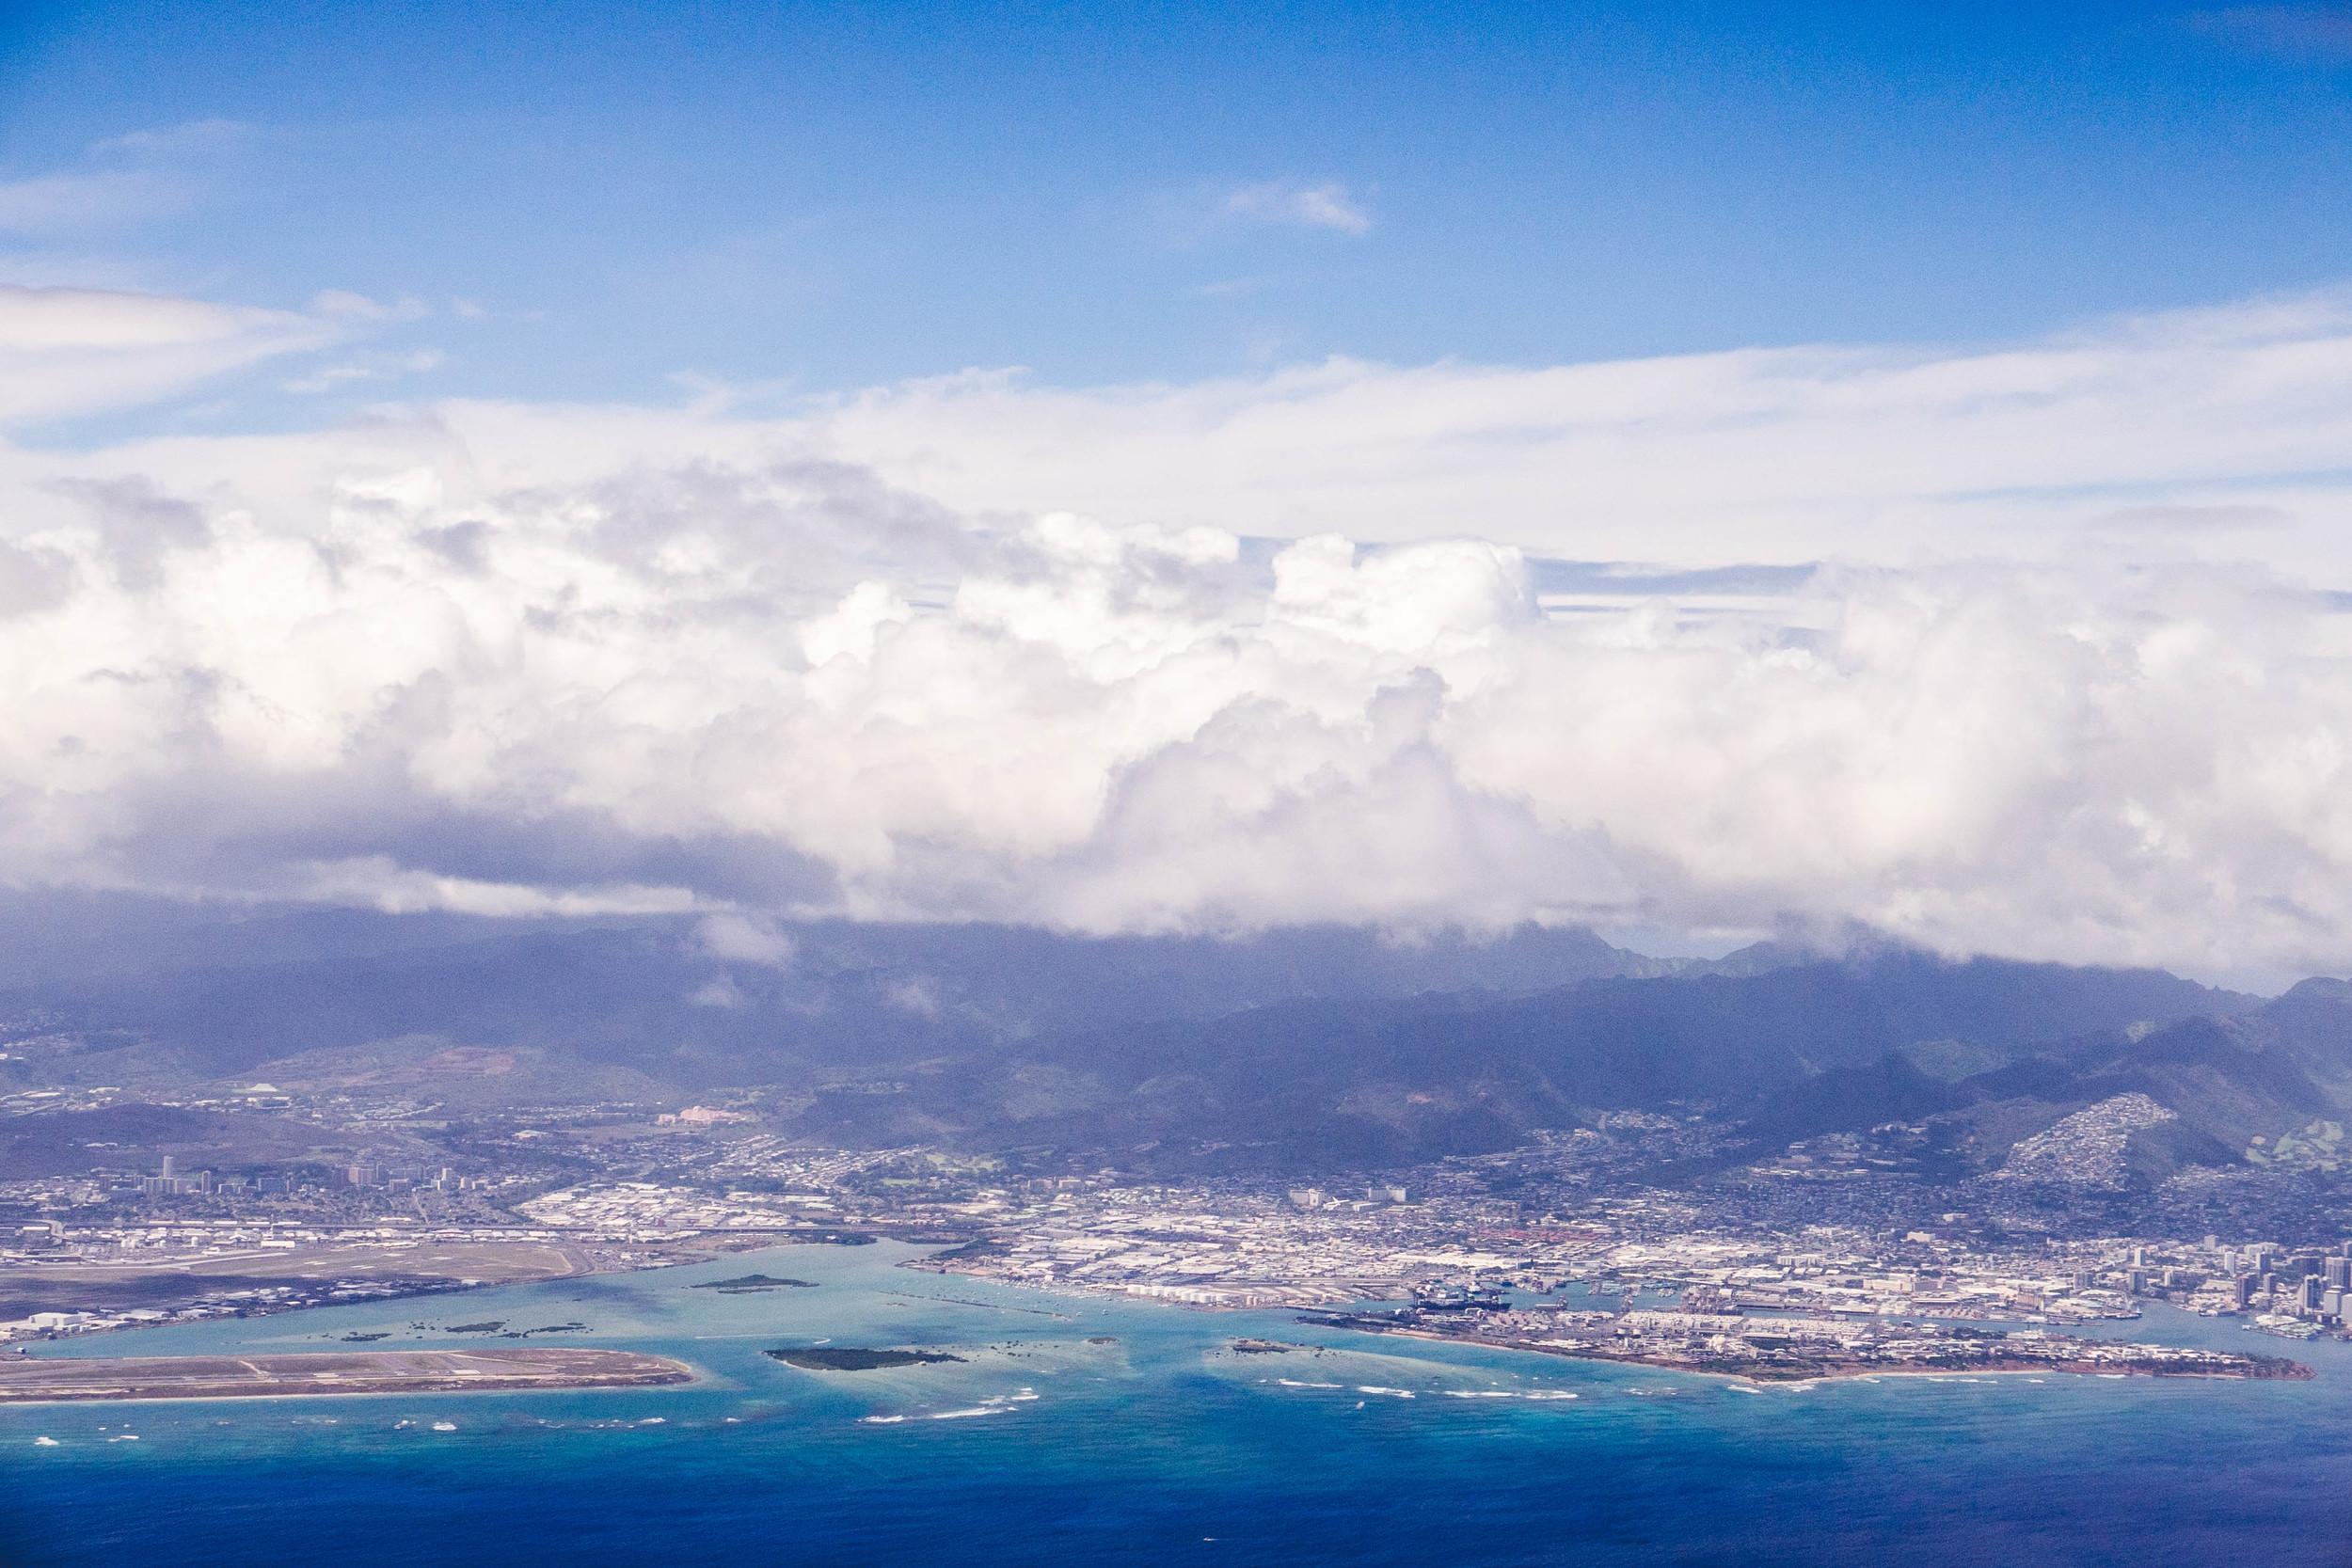 View of O'ahu, Hawai'i